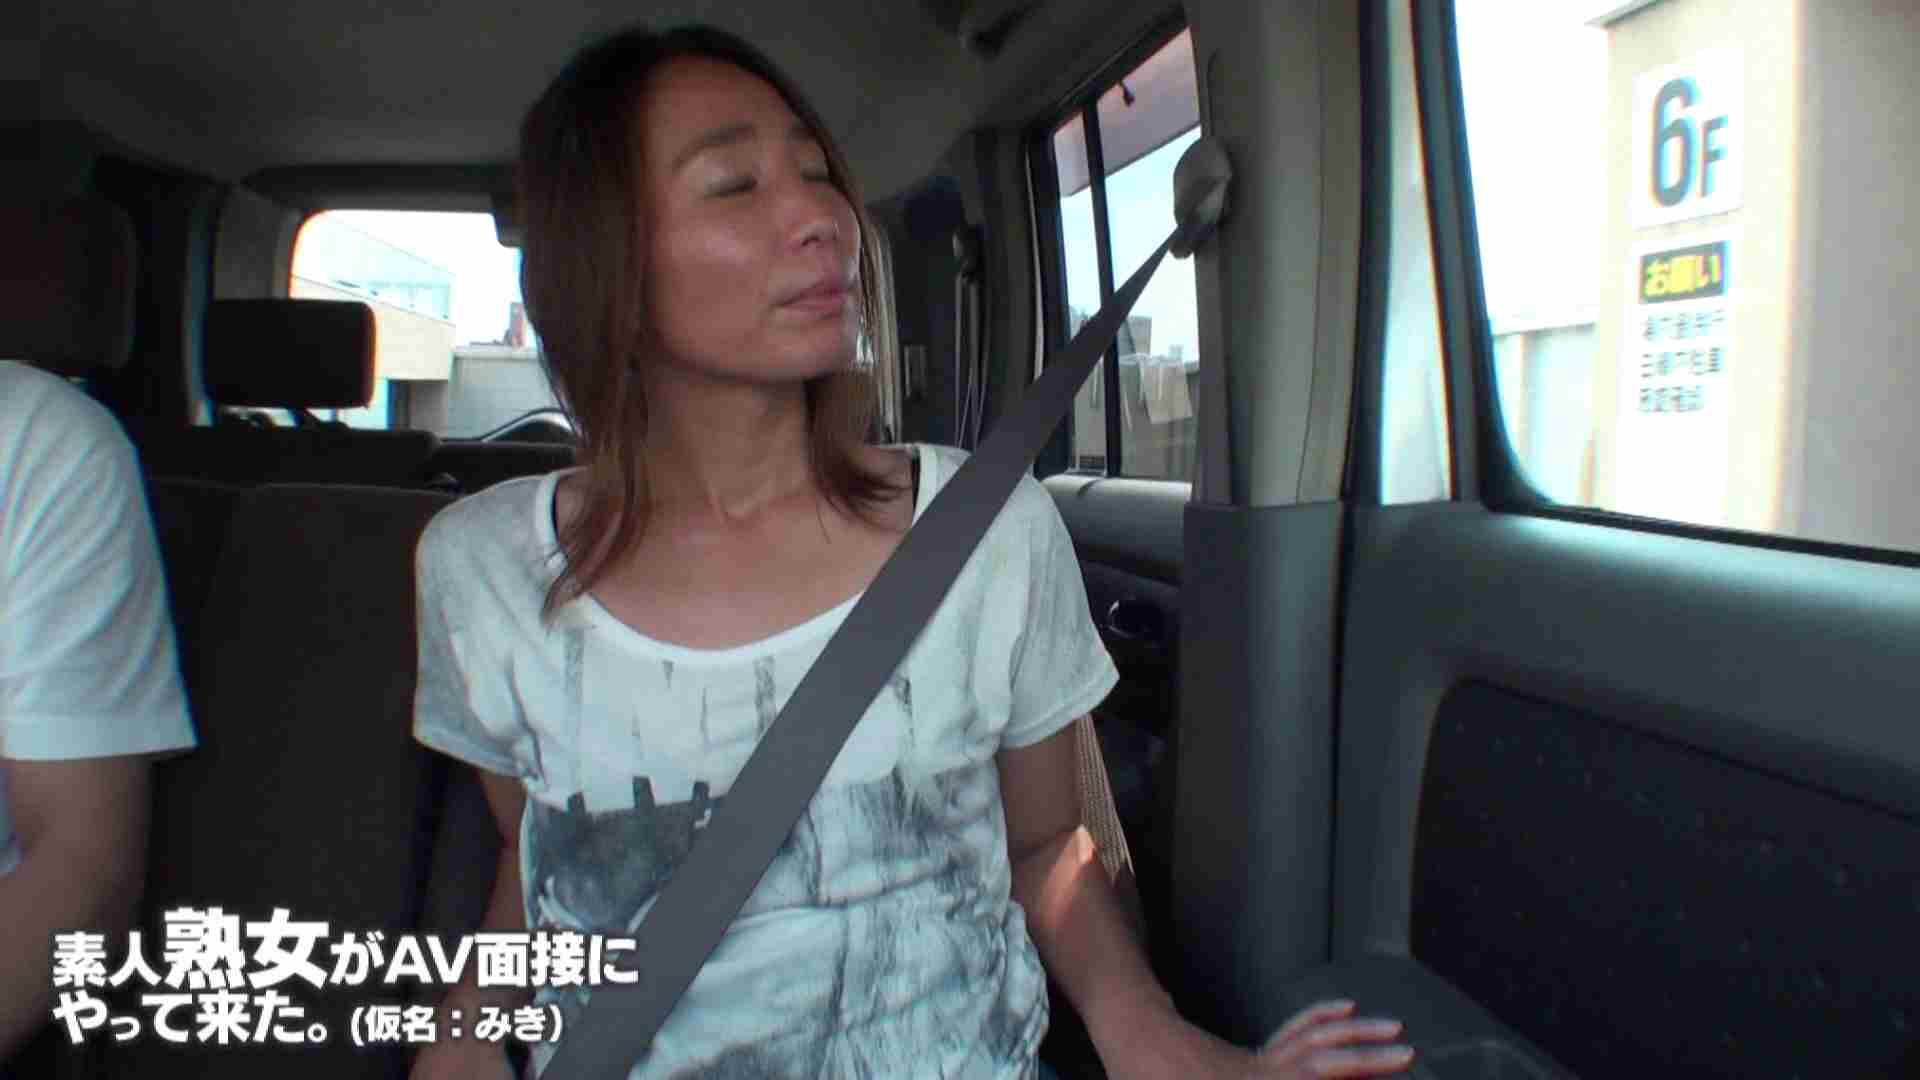 無料アダルト動画:素人熟女がAV面接にやってきた (熟女)みきさんVOL.02:大奥